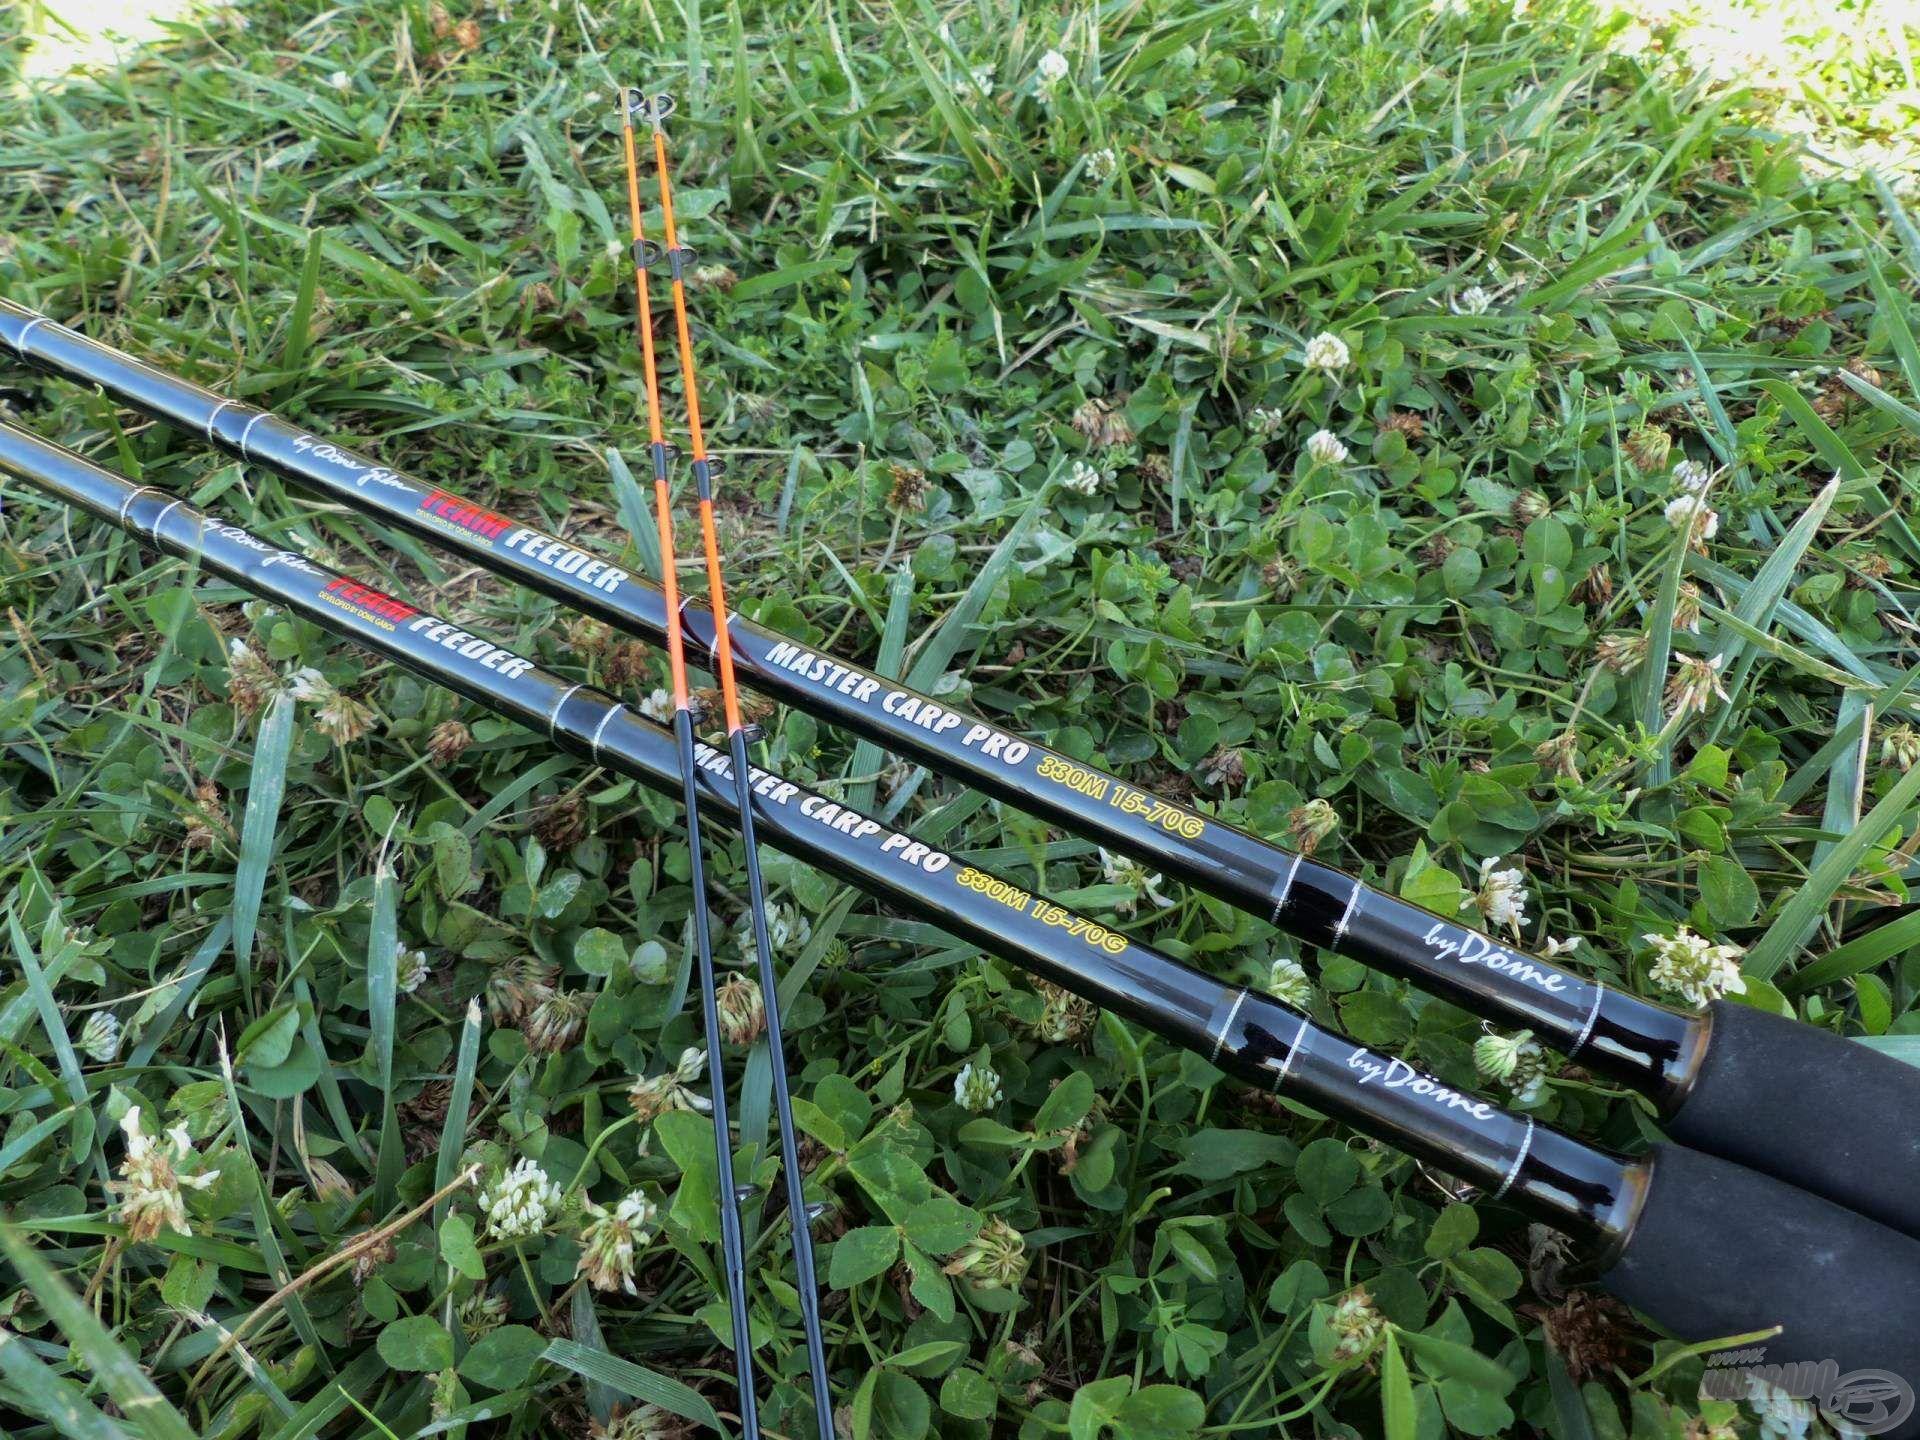 Kettő egyforma, igazán finom botocskát használtam: a By Döme TEAM FEEDER Master Carp Pro 330M típusjelzésű feedereket